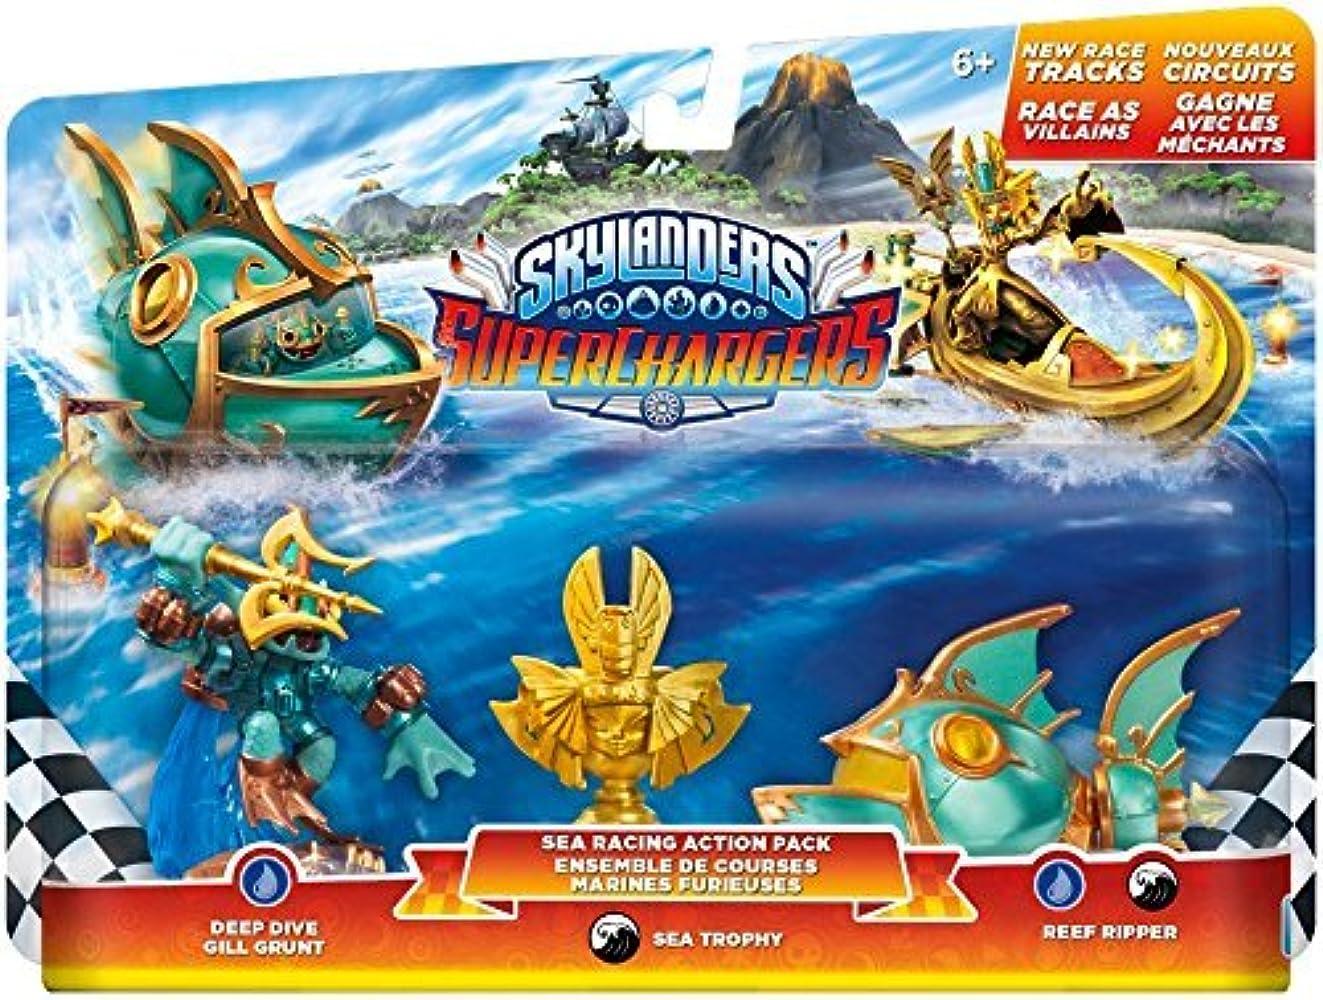 はしご沈黙令状Skylanders SuperChargers: Racing Sea Pack by Activision [並行輸入品]